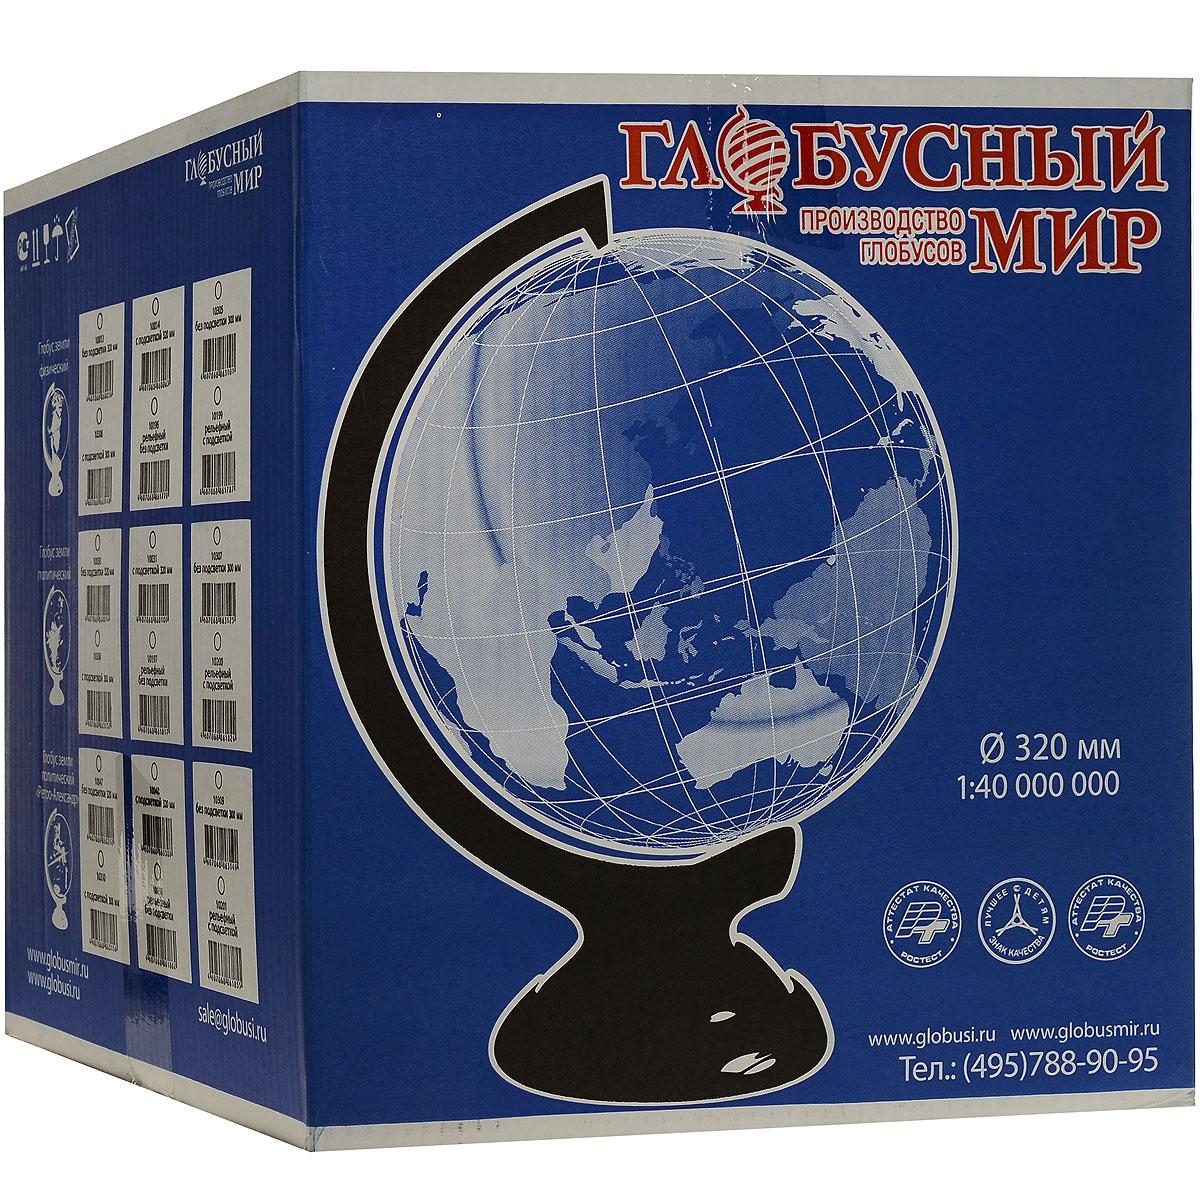 Глобусный мир Глобус звездного неба, диаметр 32 см. 10063